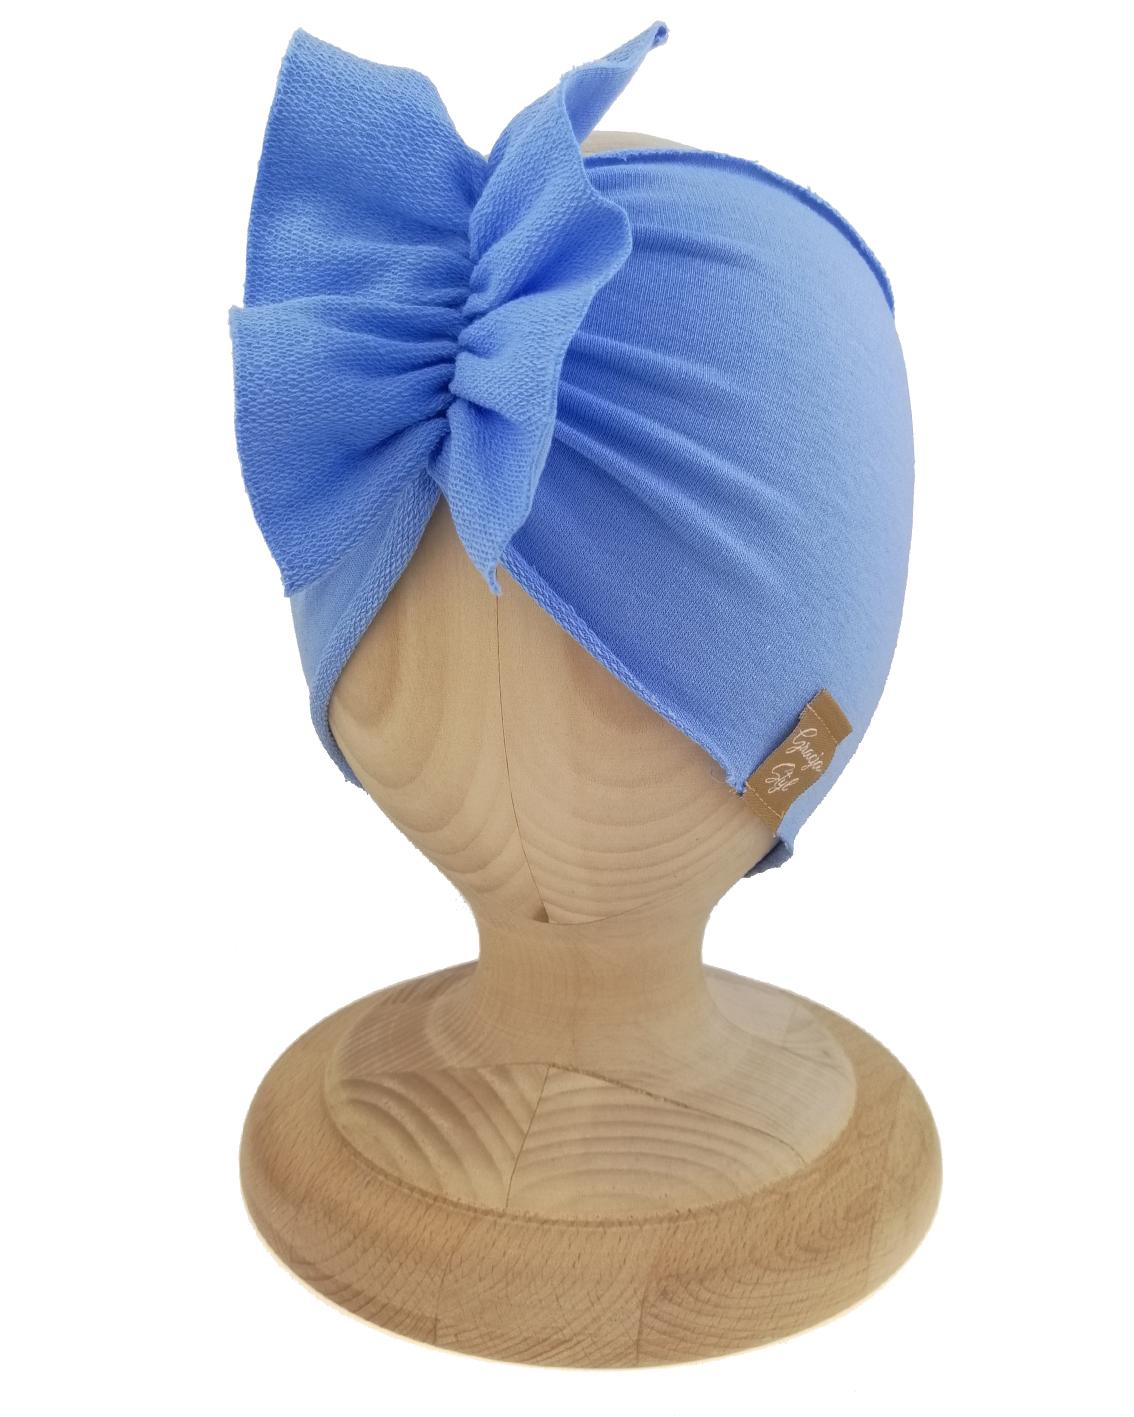 Opaska dziewczęca motylak. Uszyta z bawełny pętelkowej typu dresówka. W kolorze pastelowy błękit. Marka Gracja Styl.